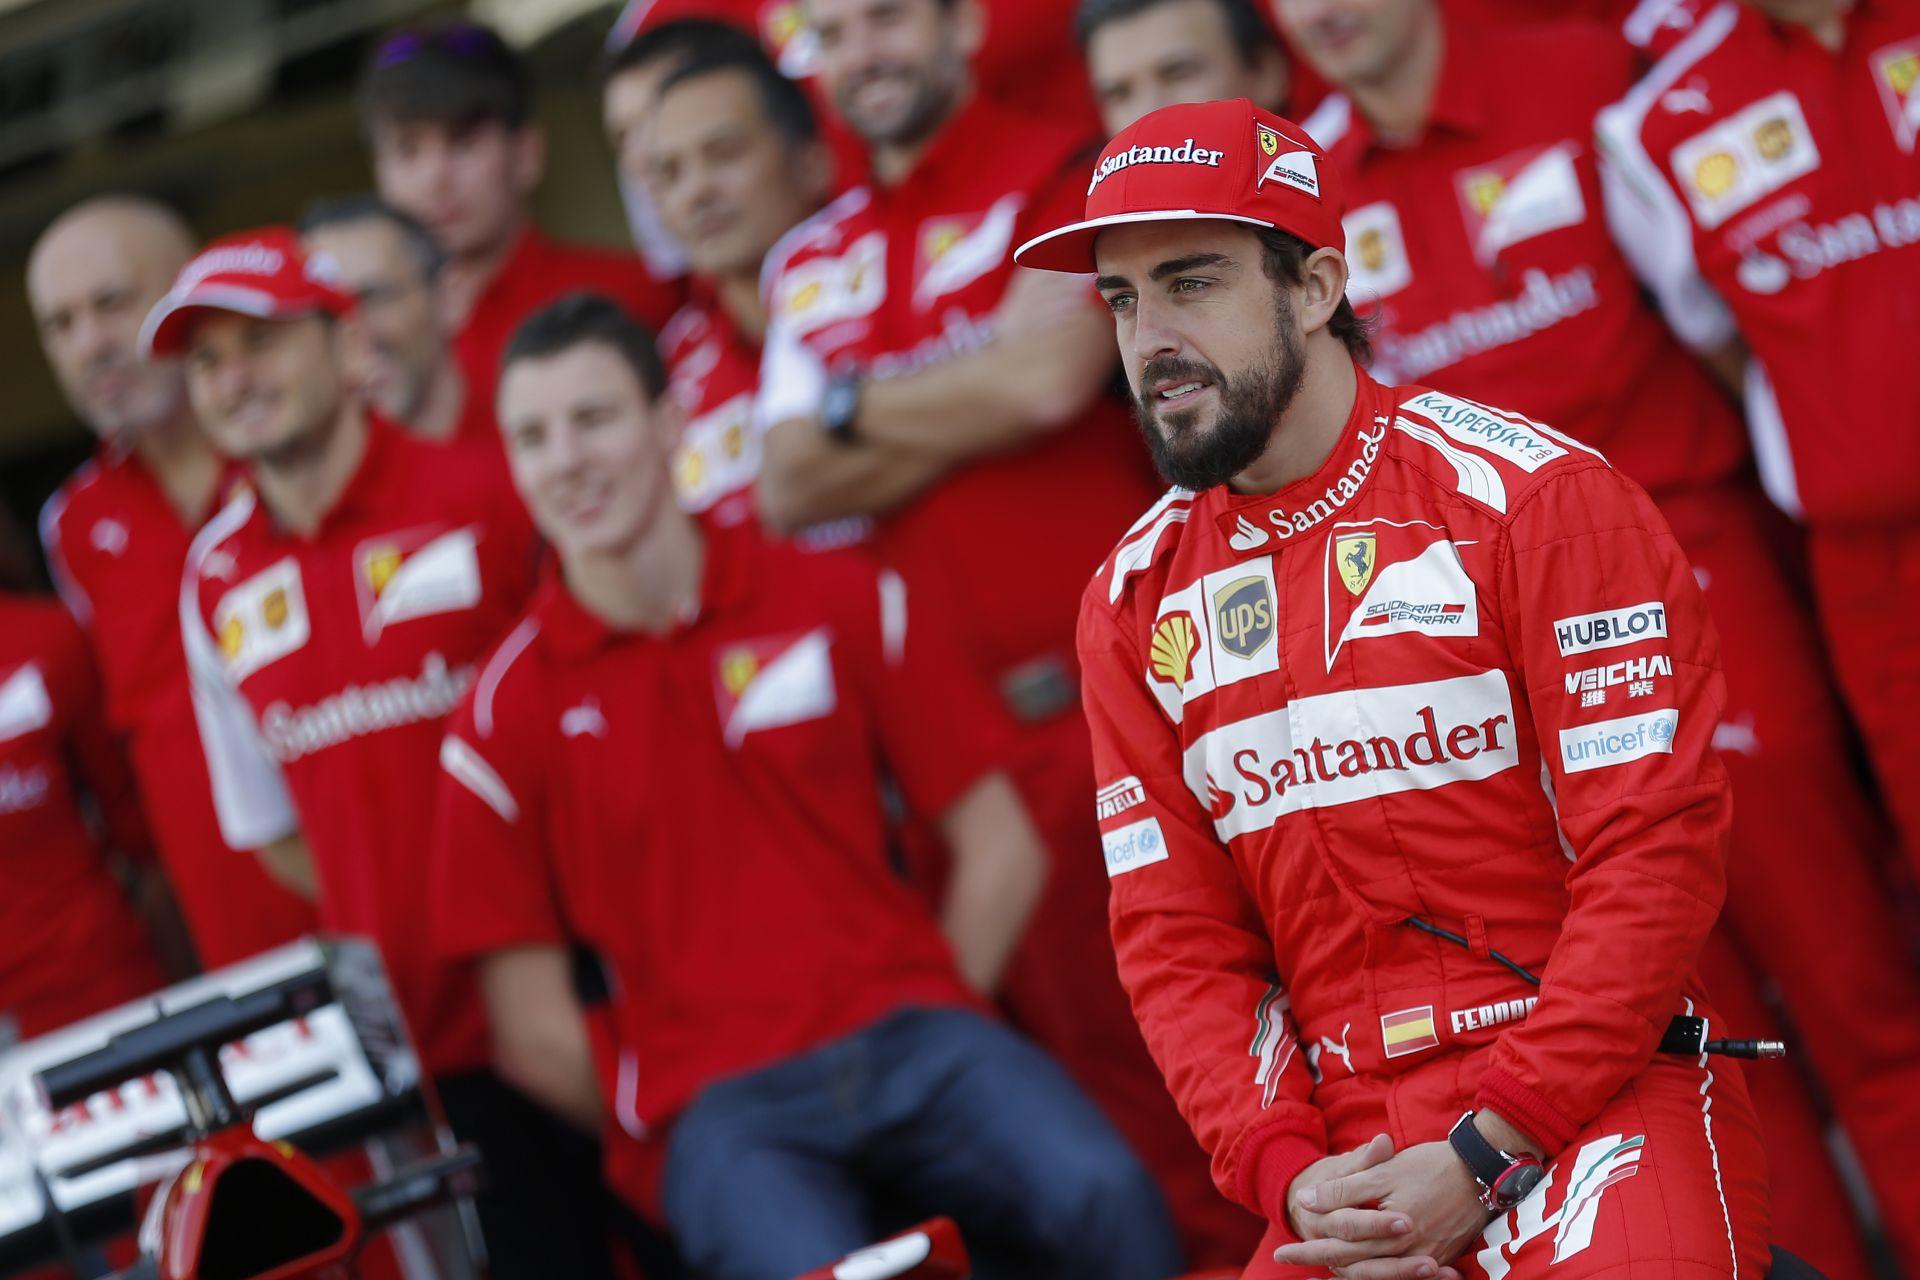 Alonso beszólt a Ferrarinak: Mire fel ez a nagy öröm?